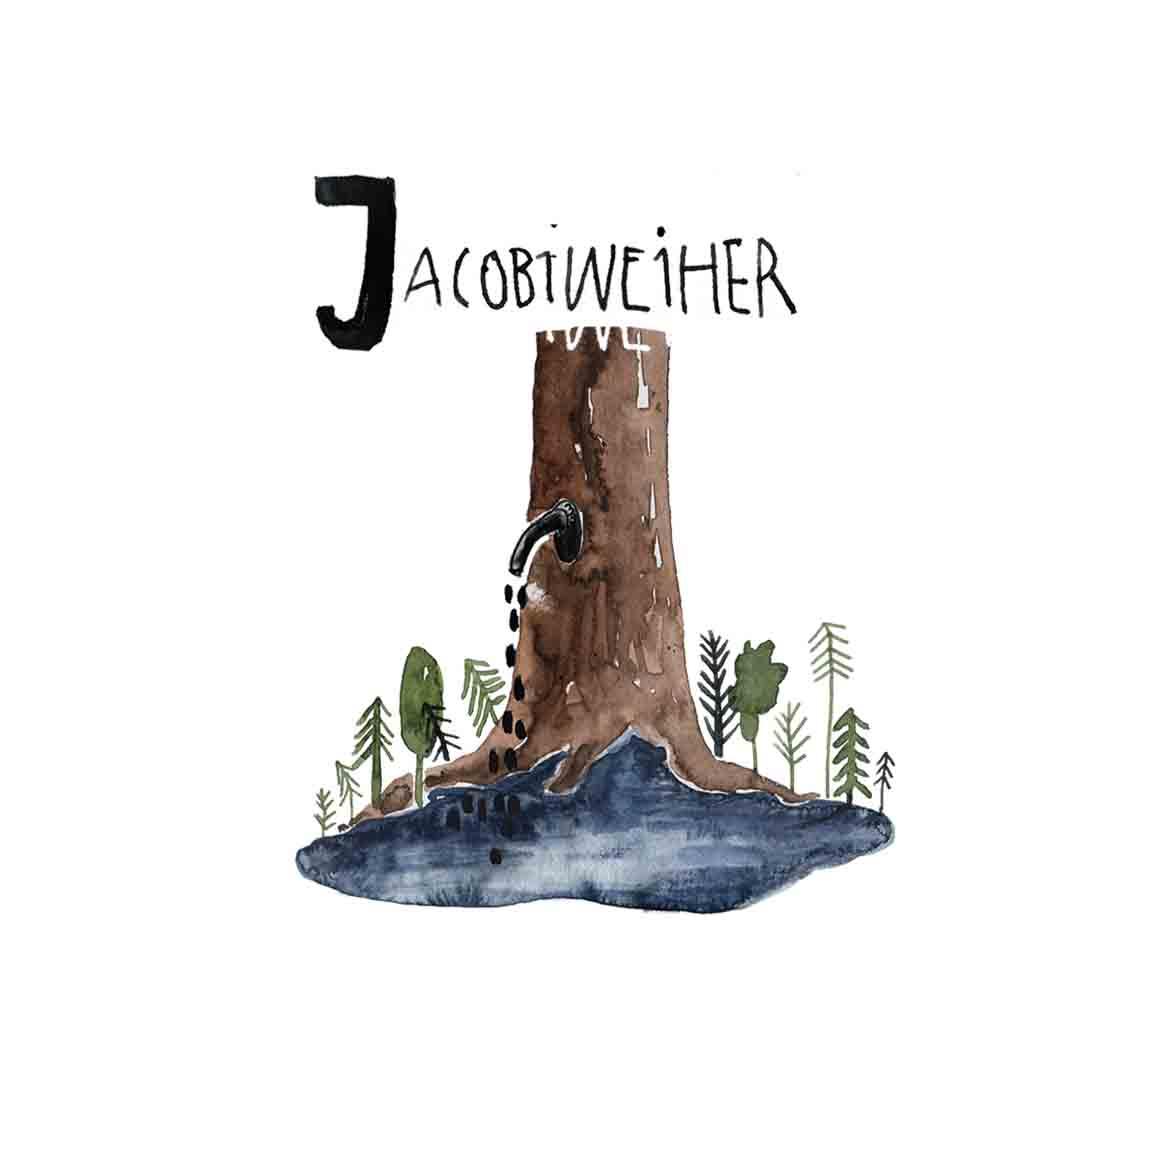 J Jacobiweiher